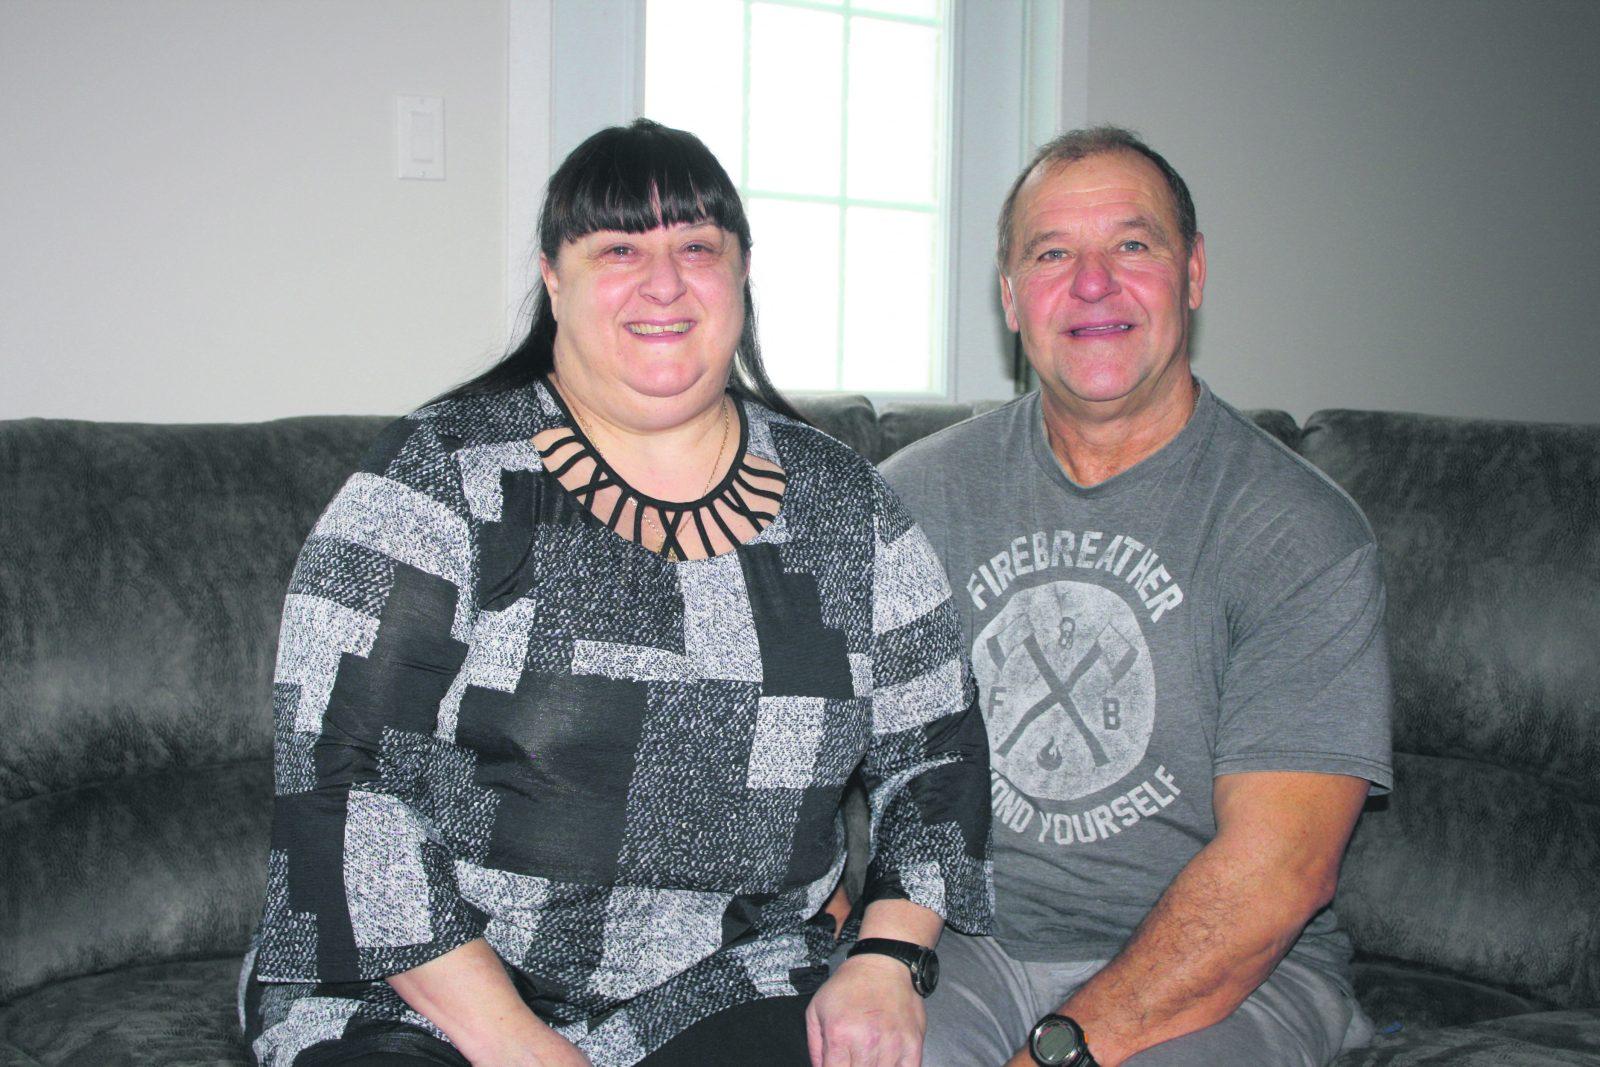 Un couple n'oubliera jamais le support de la Croix-Rouge